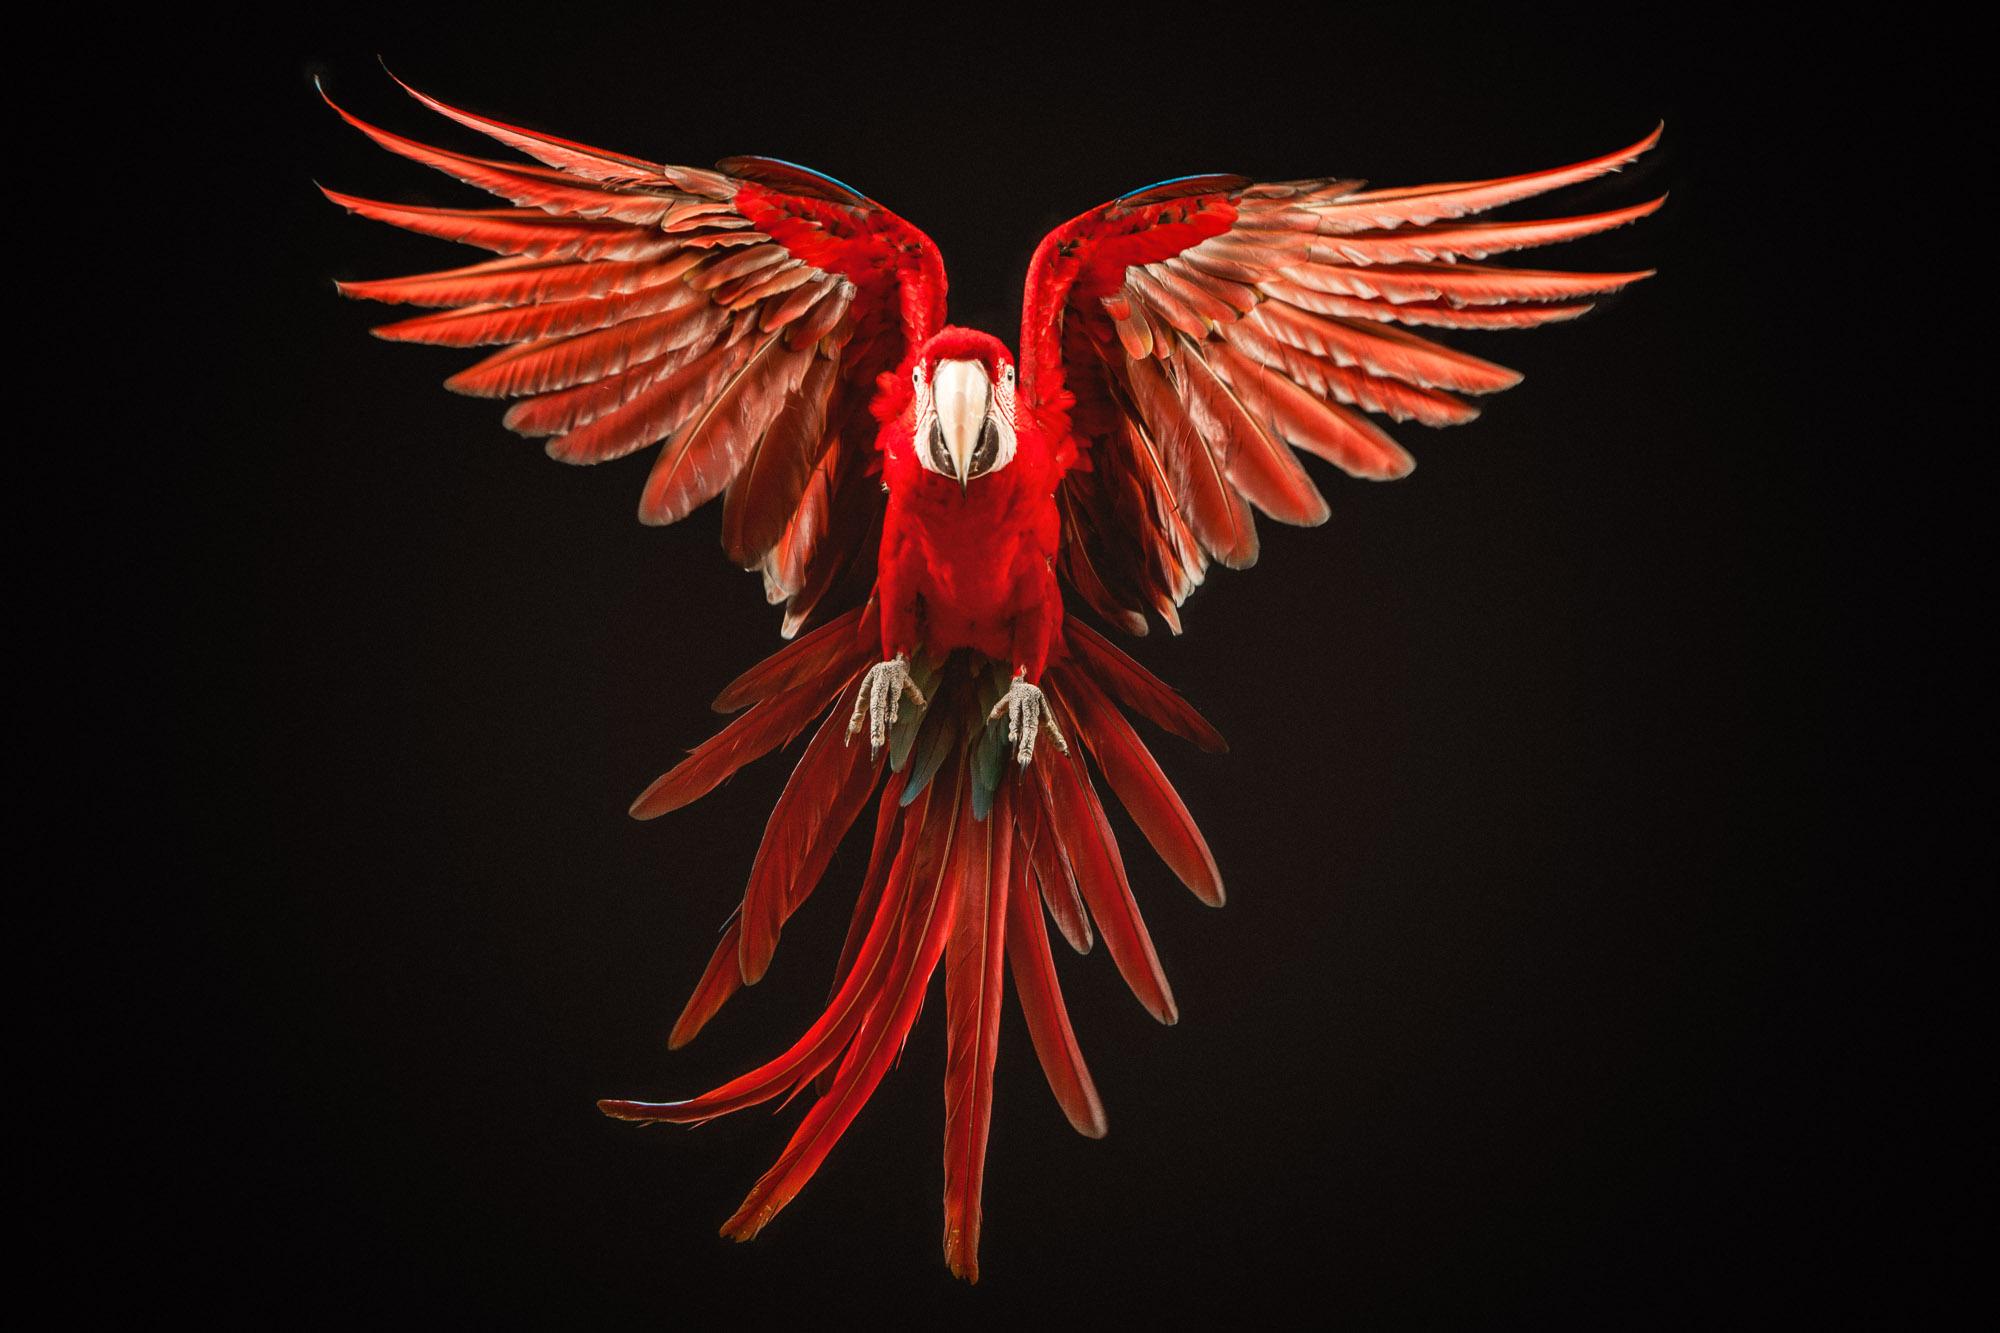 Tim Platt - Bird in flight